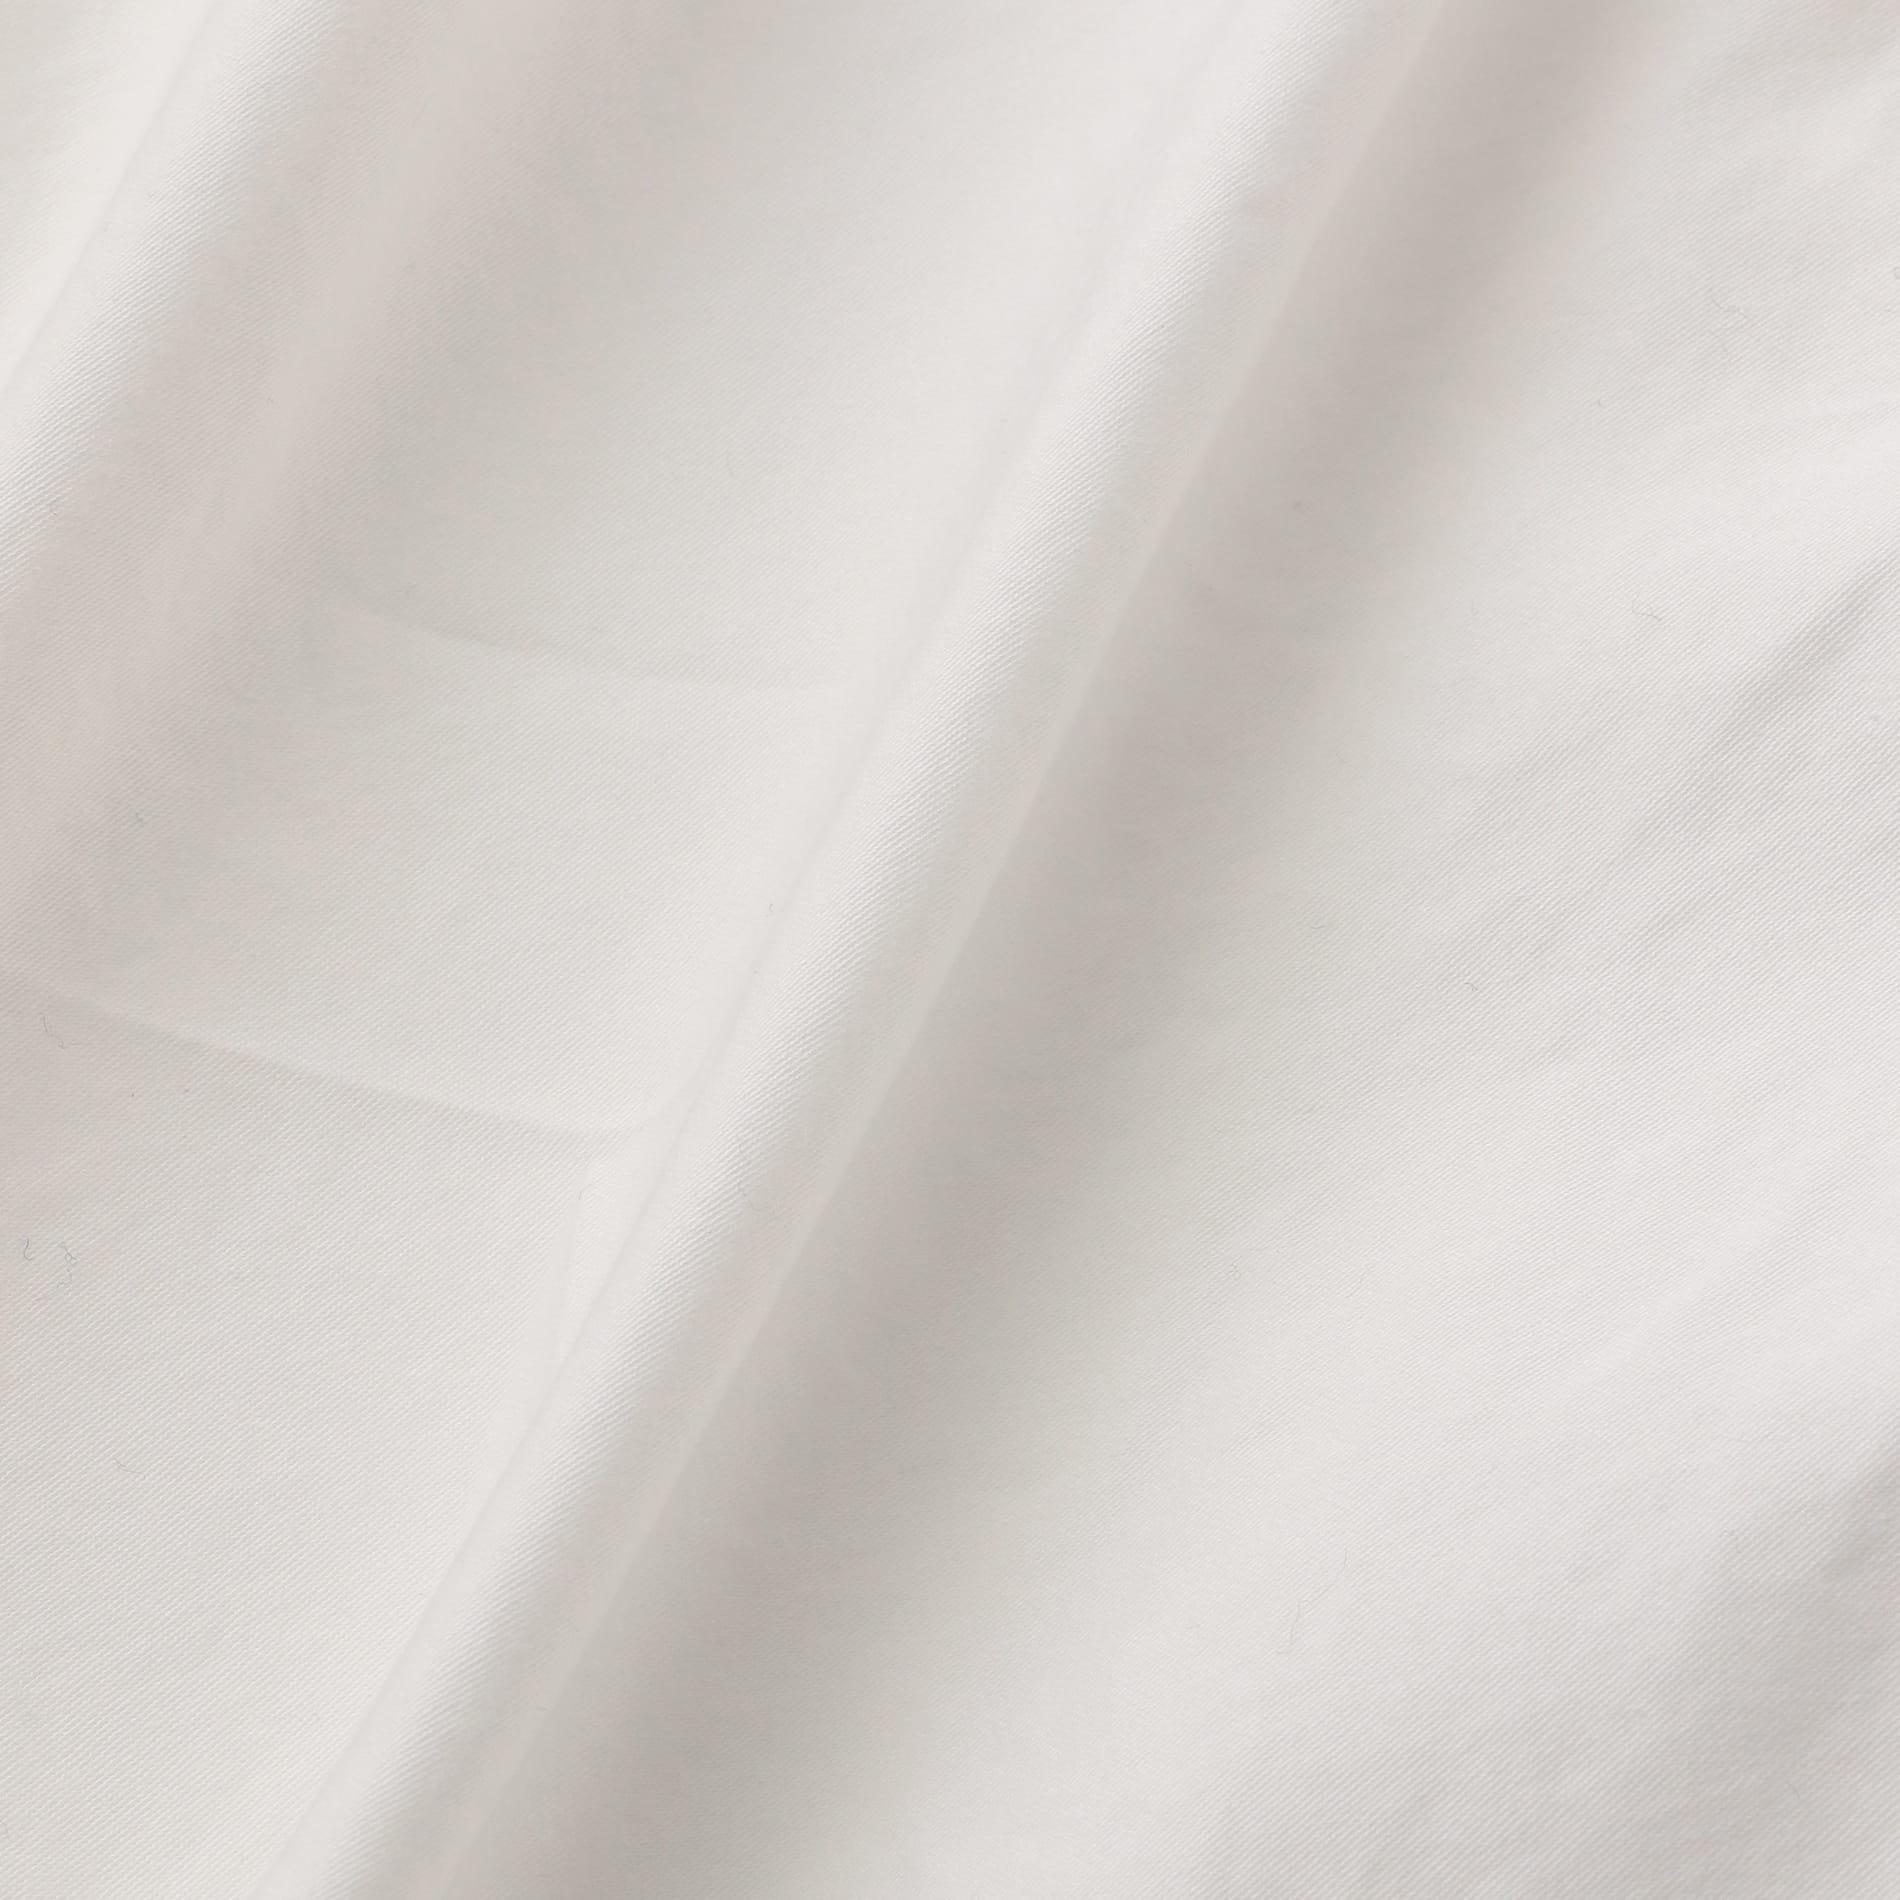 【Needles】MEN H.D. Pant - BDU GL182